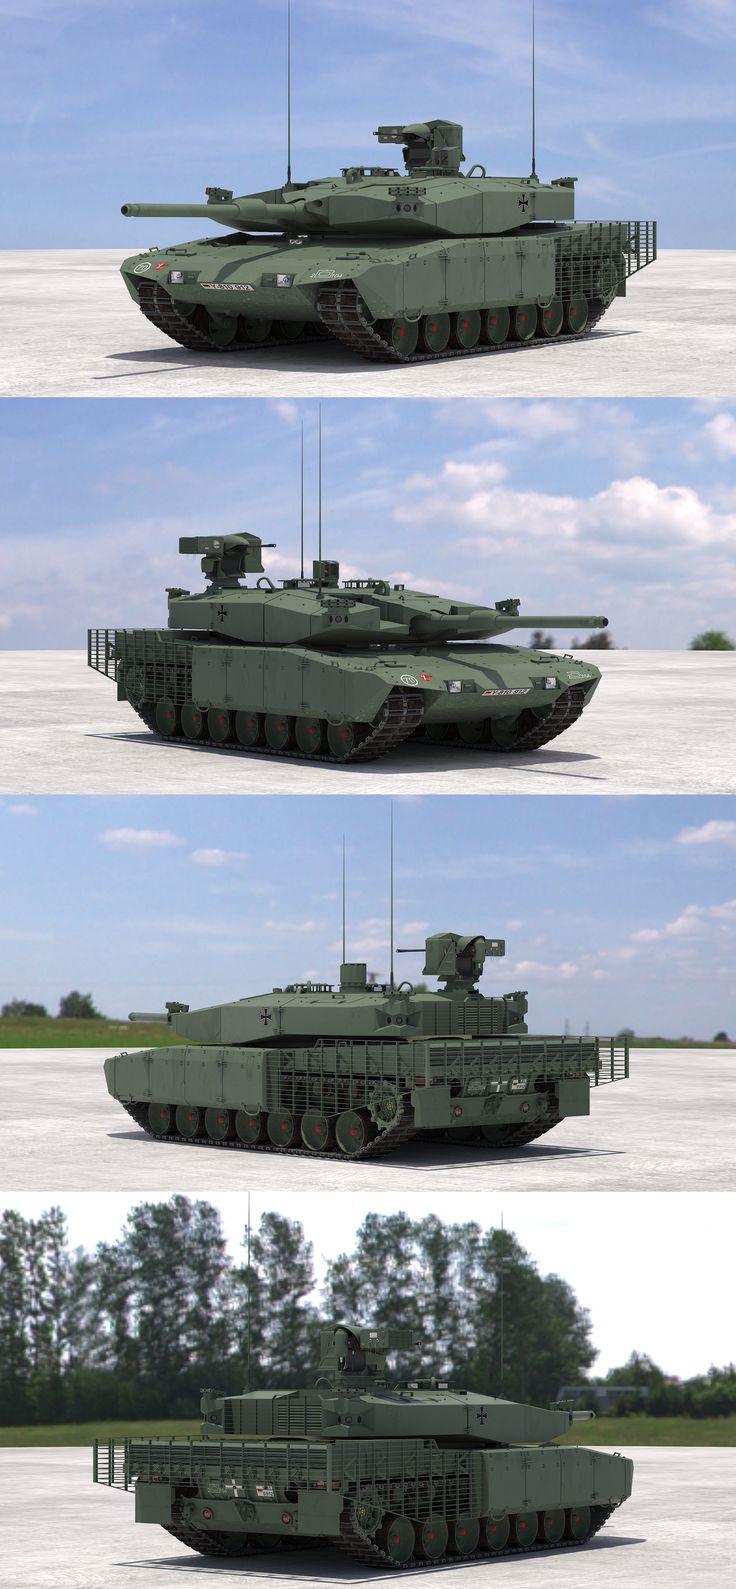 leopard 2 mbt revolution green nato chariots. Black Bedroom Furniture Sets. Home Design Ideas